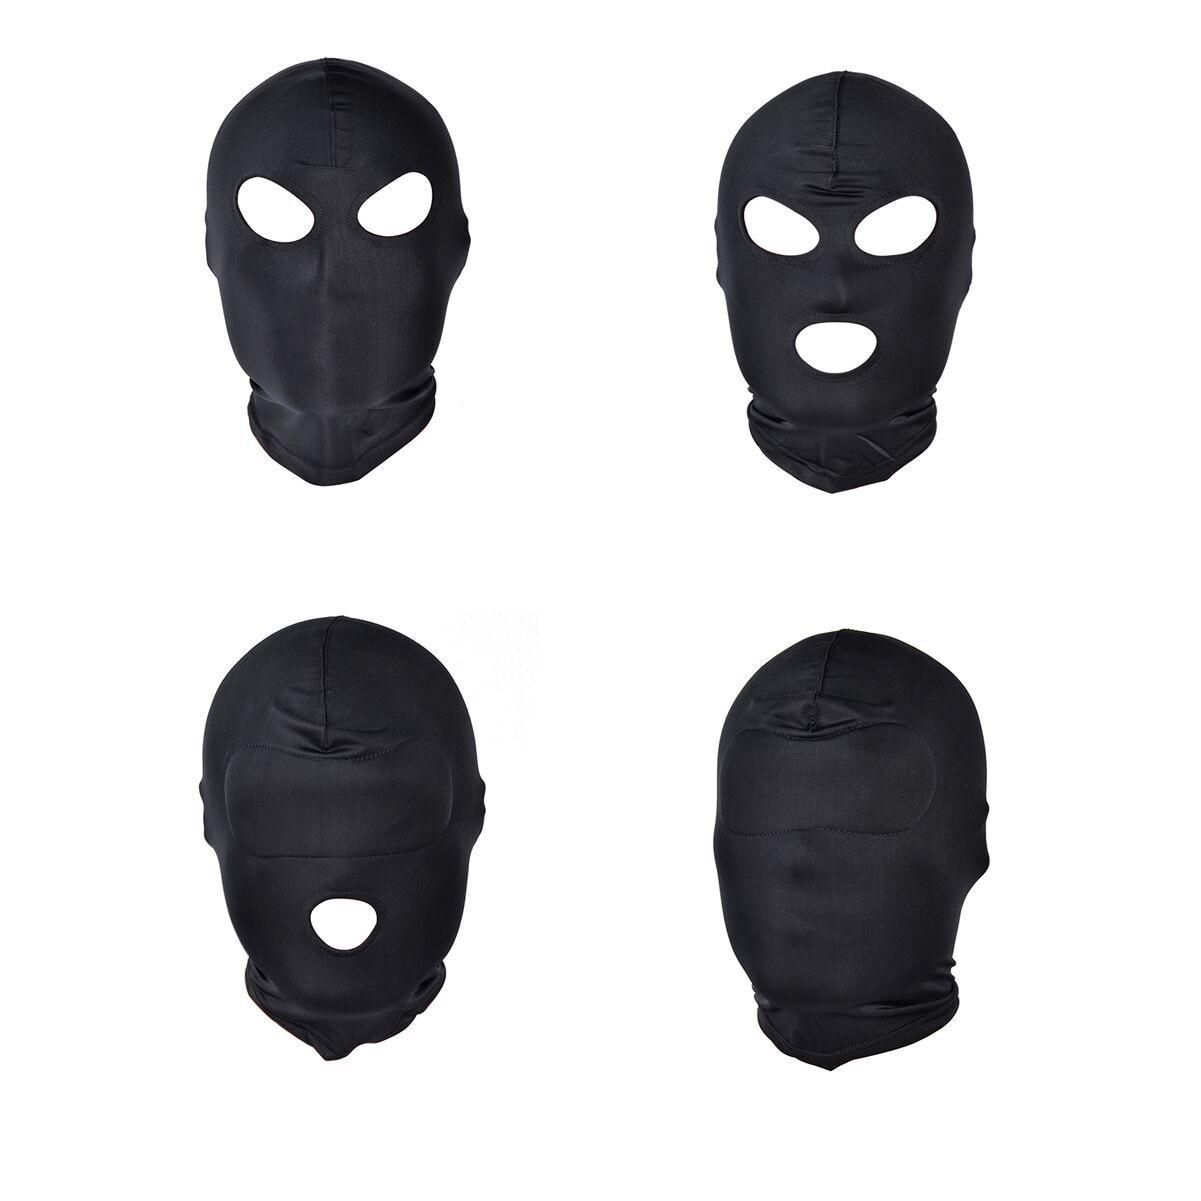 Секс-игры для ролевых игр, черная маска для интима с изнасилованием, маска для головы, раб, открытый рот, связывание с SM, курчавые секс-игрушк...